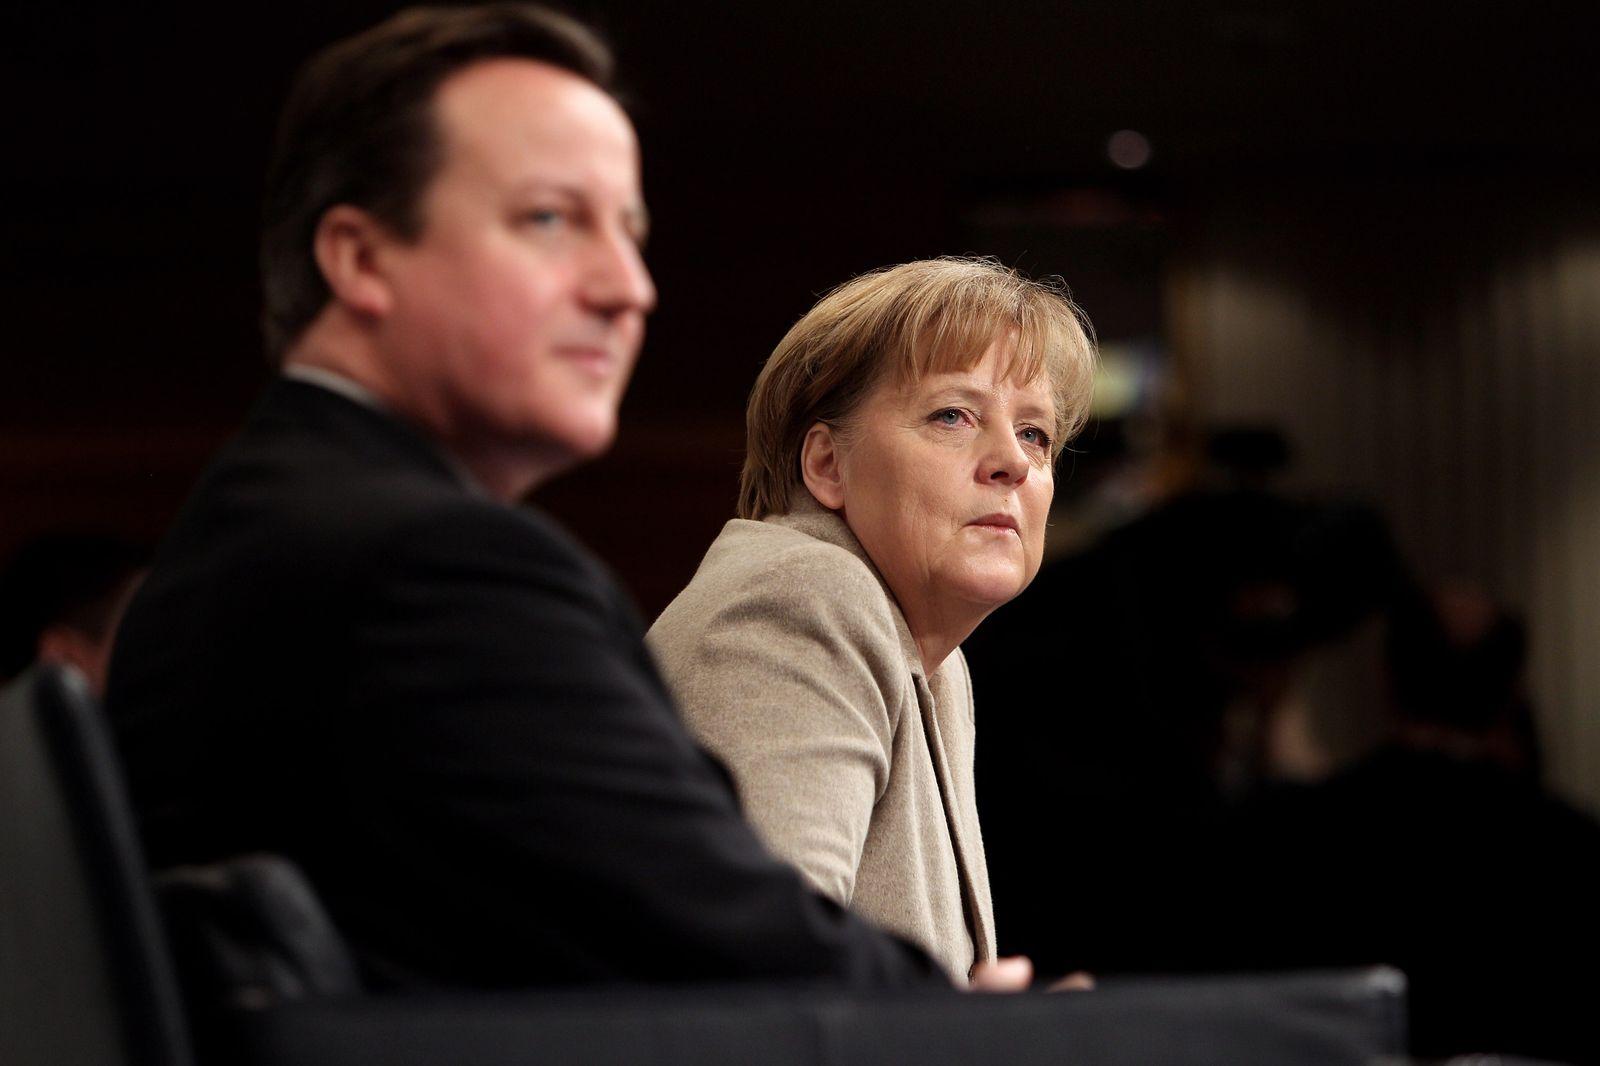 Cameron/ Merkel